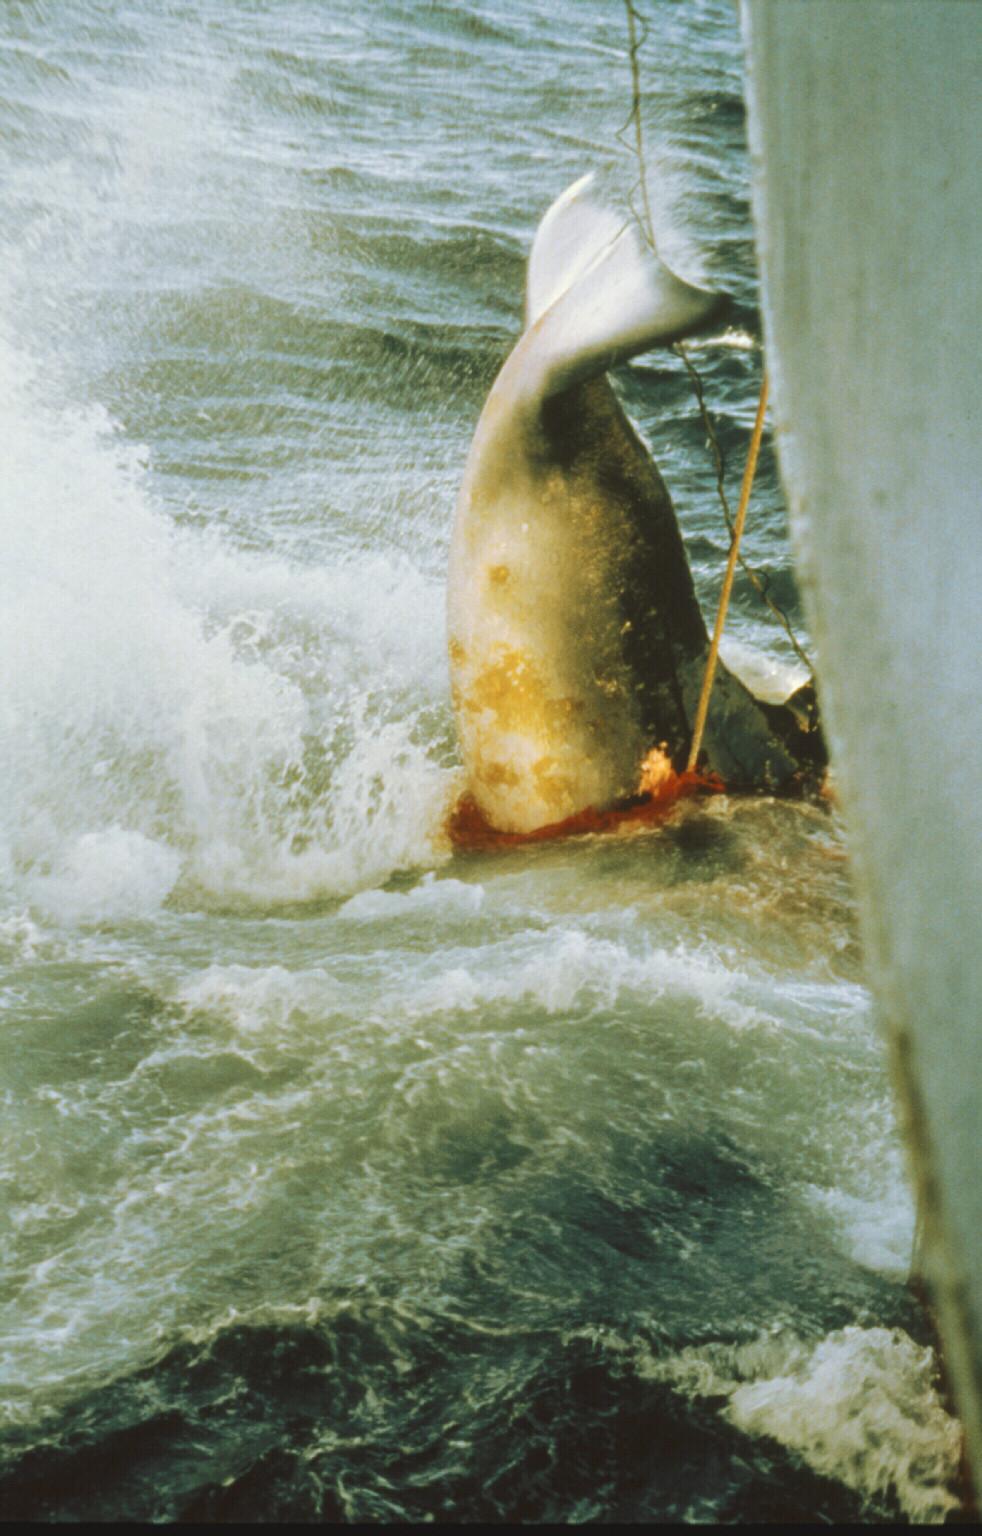 Hapunierte Wale sterben einen langsamen, qualvollen Tod